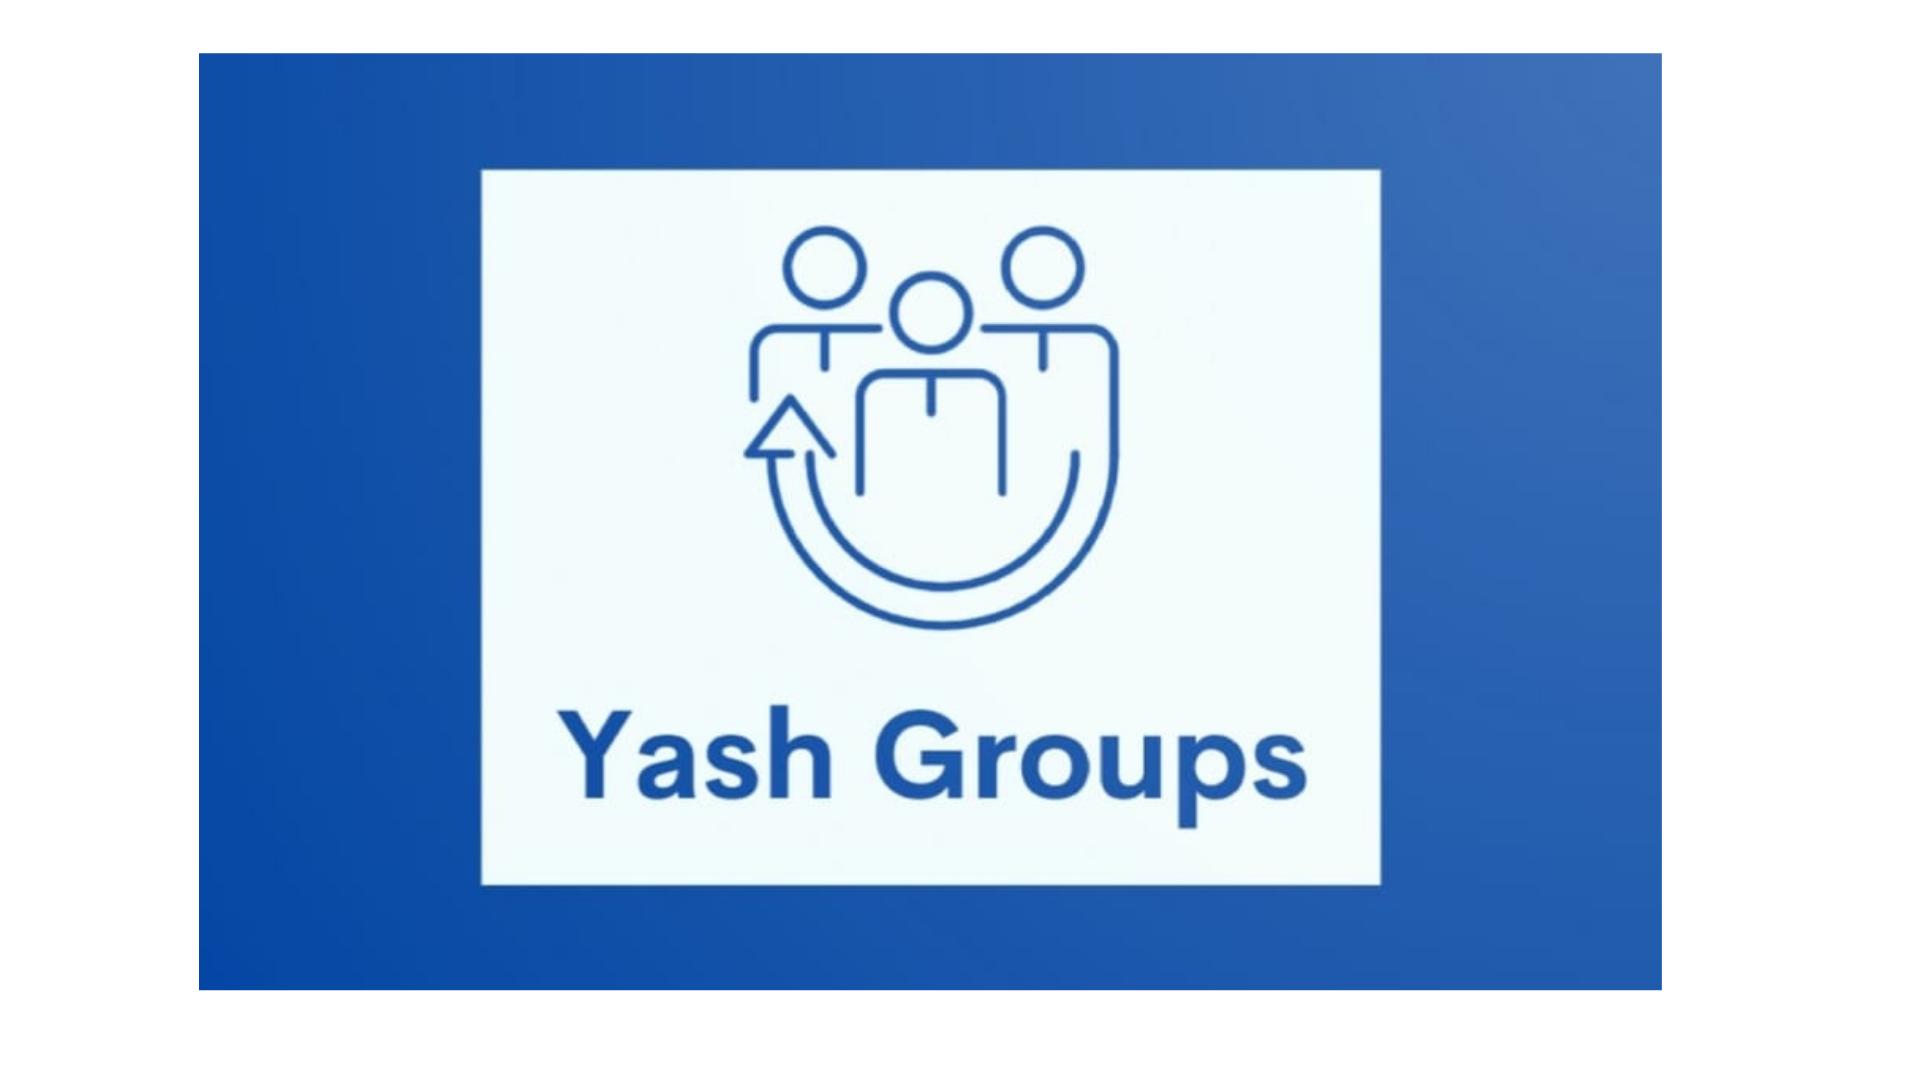 Yash Groups Testimonial